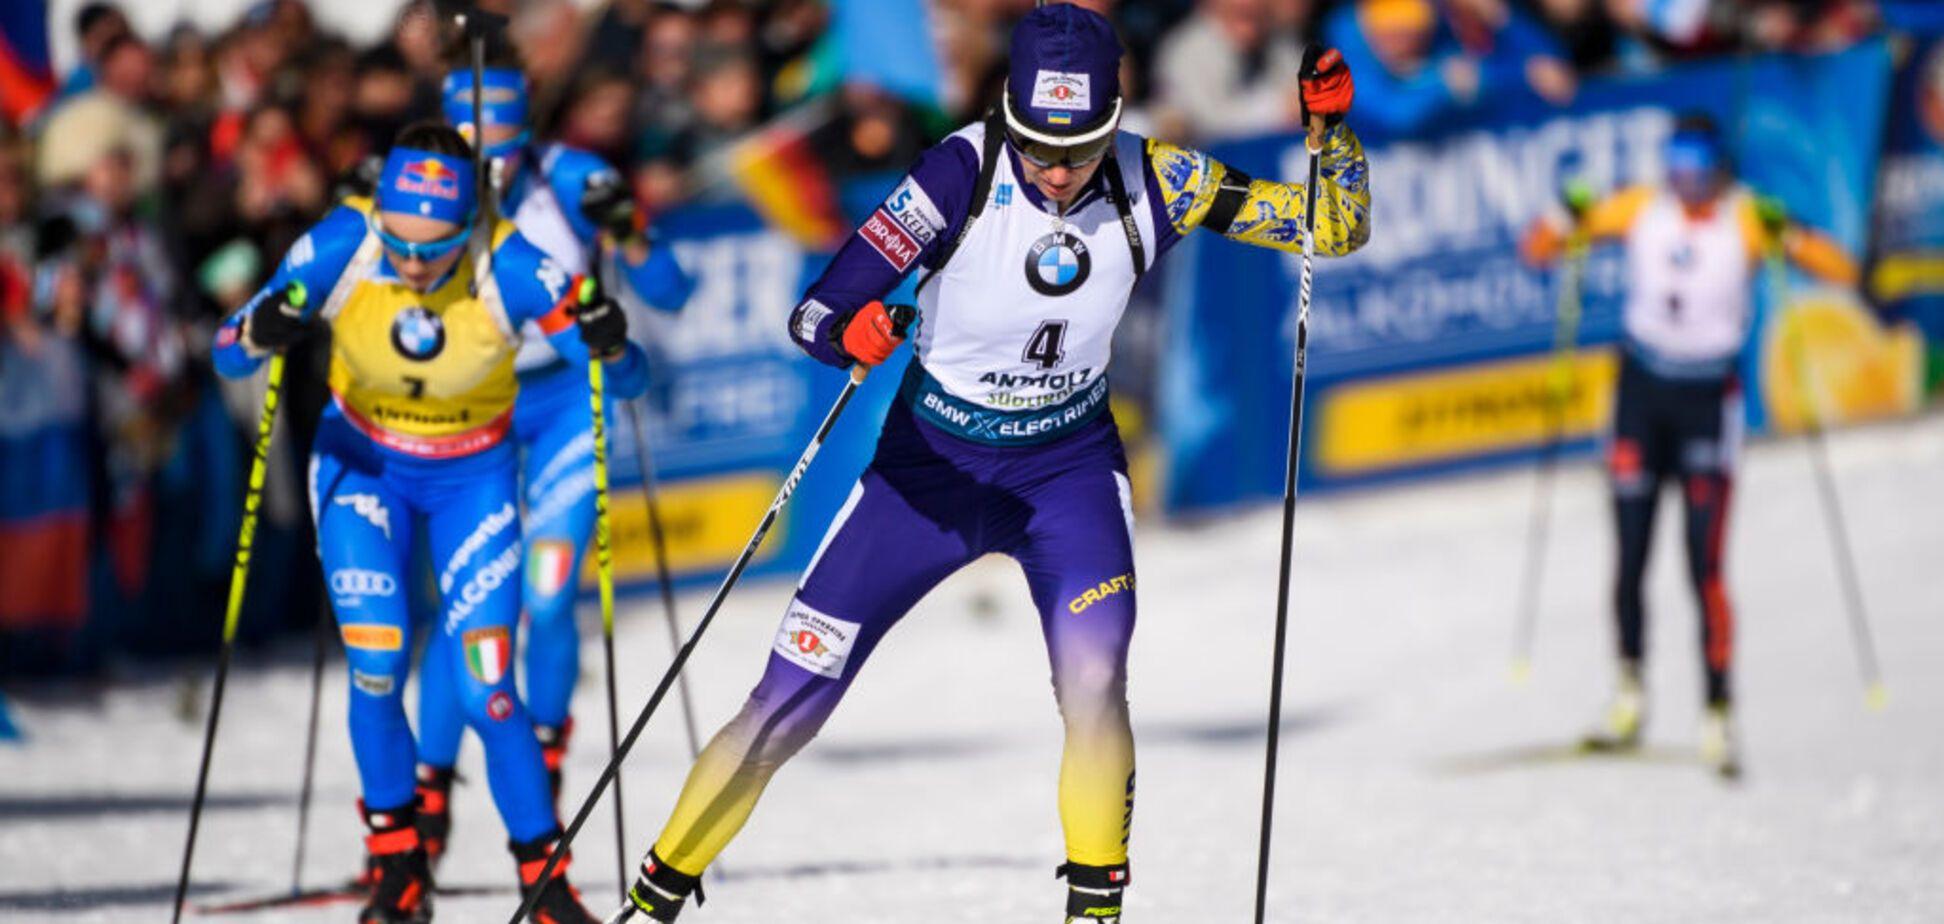 Украина завоевала первую медаль на чемпионате мира по биатлону